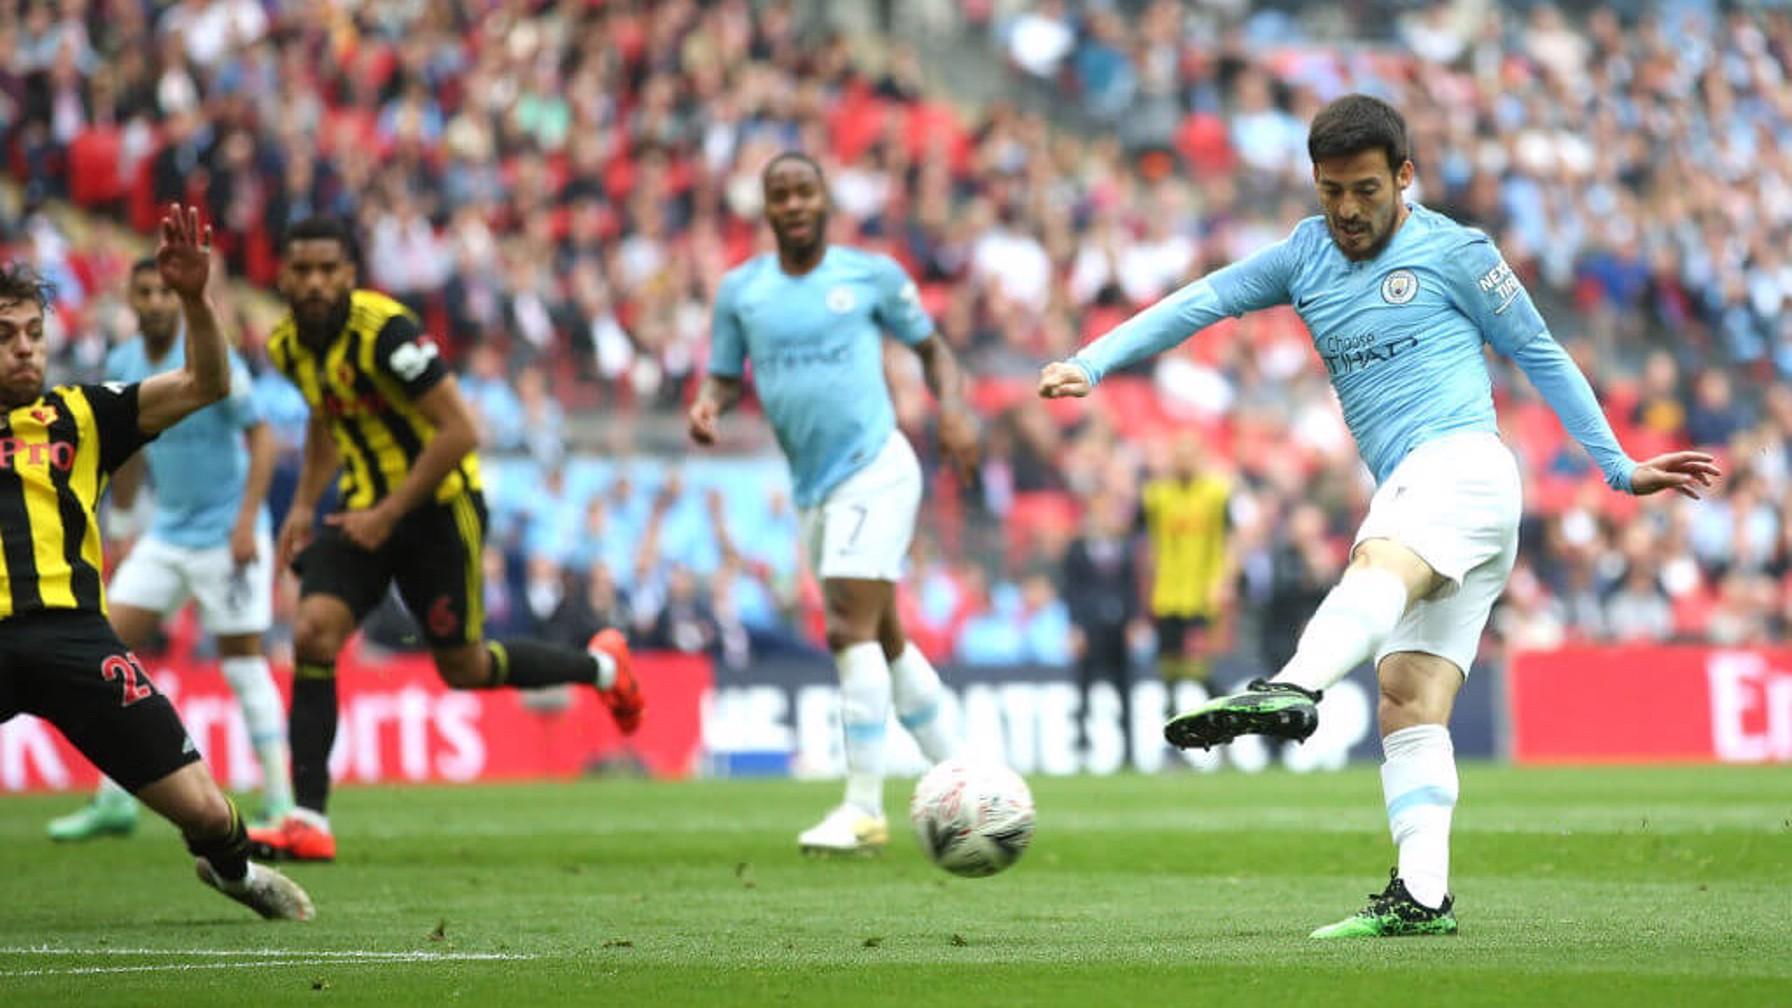 EL MAGO: David Silva opens the scoring